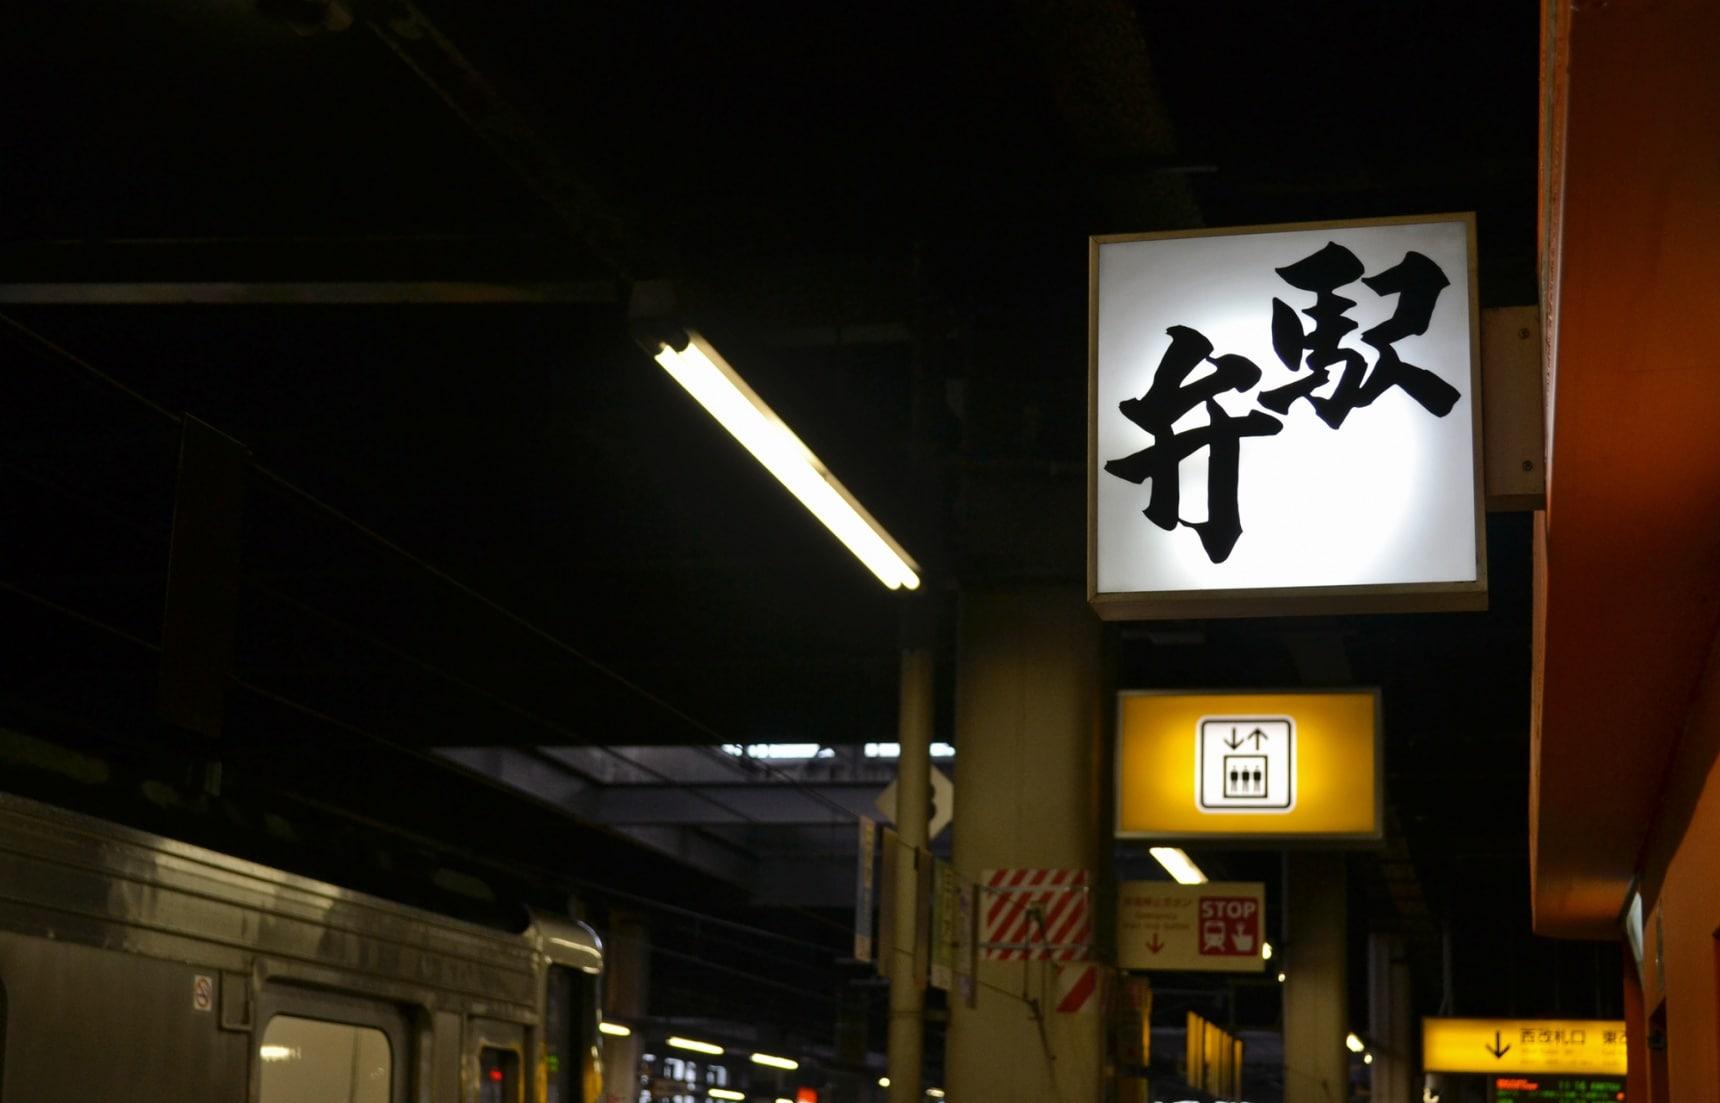 【深度日本】走進「駅弁」的世界,重新發現日本的內涵與深度